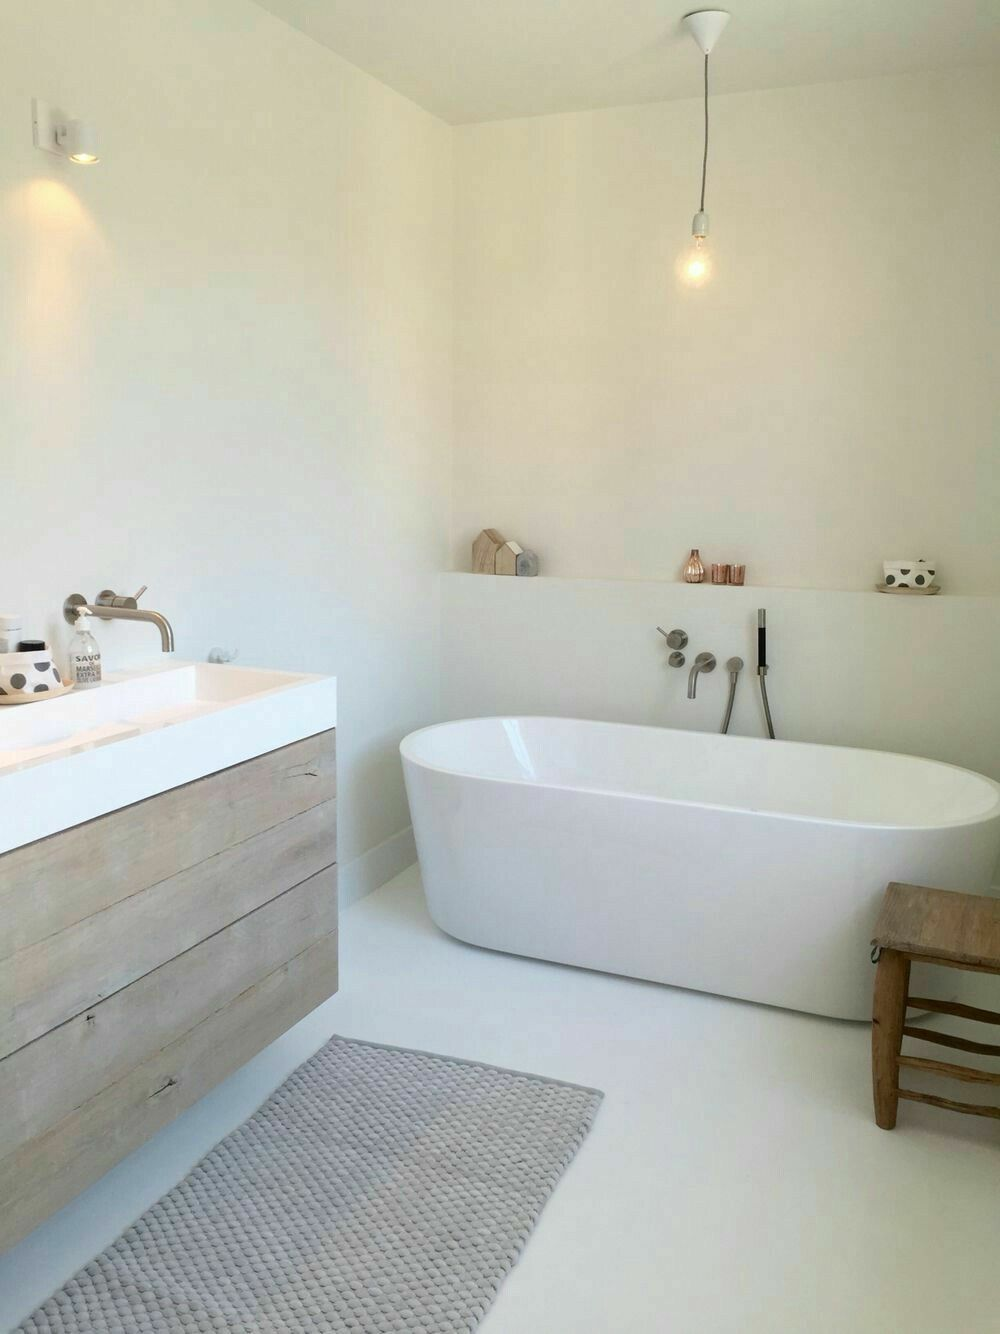 Prachtige badkamer met Beal Mortex op de wanden | bathtub ...